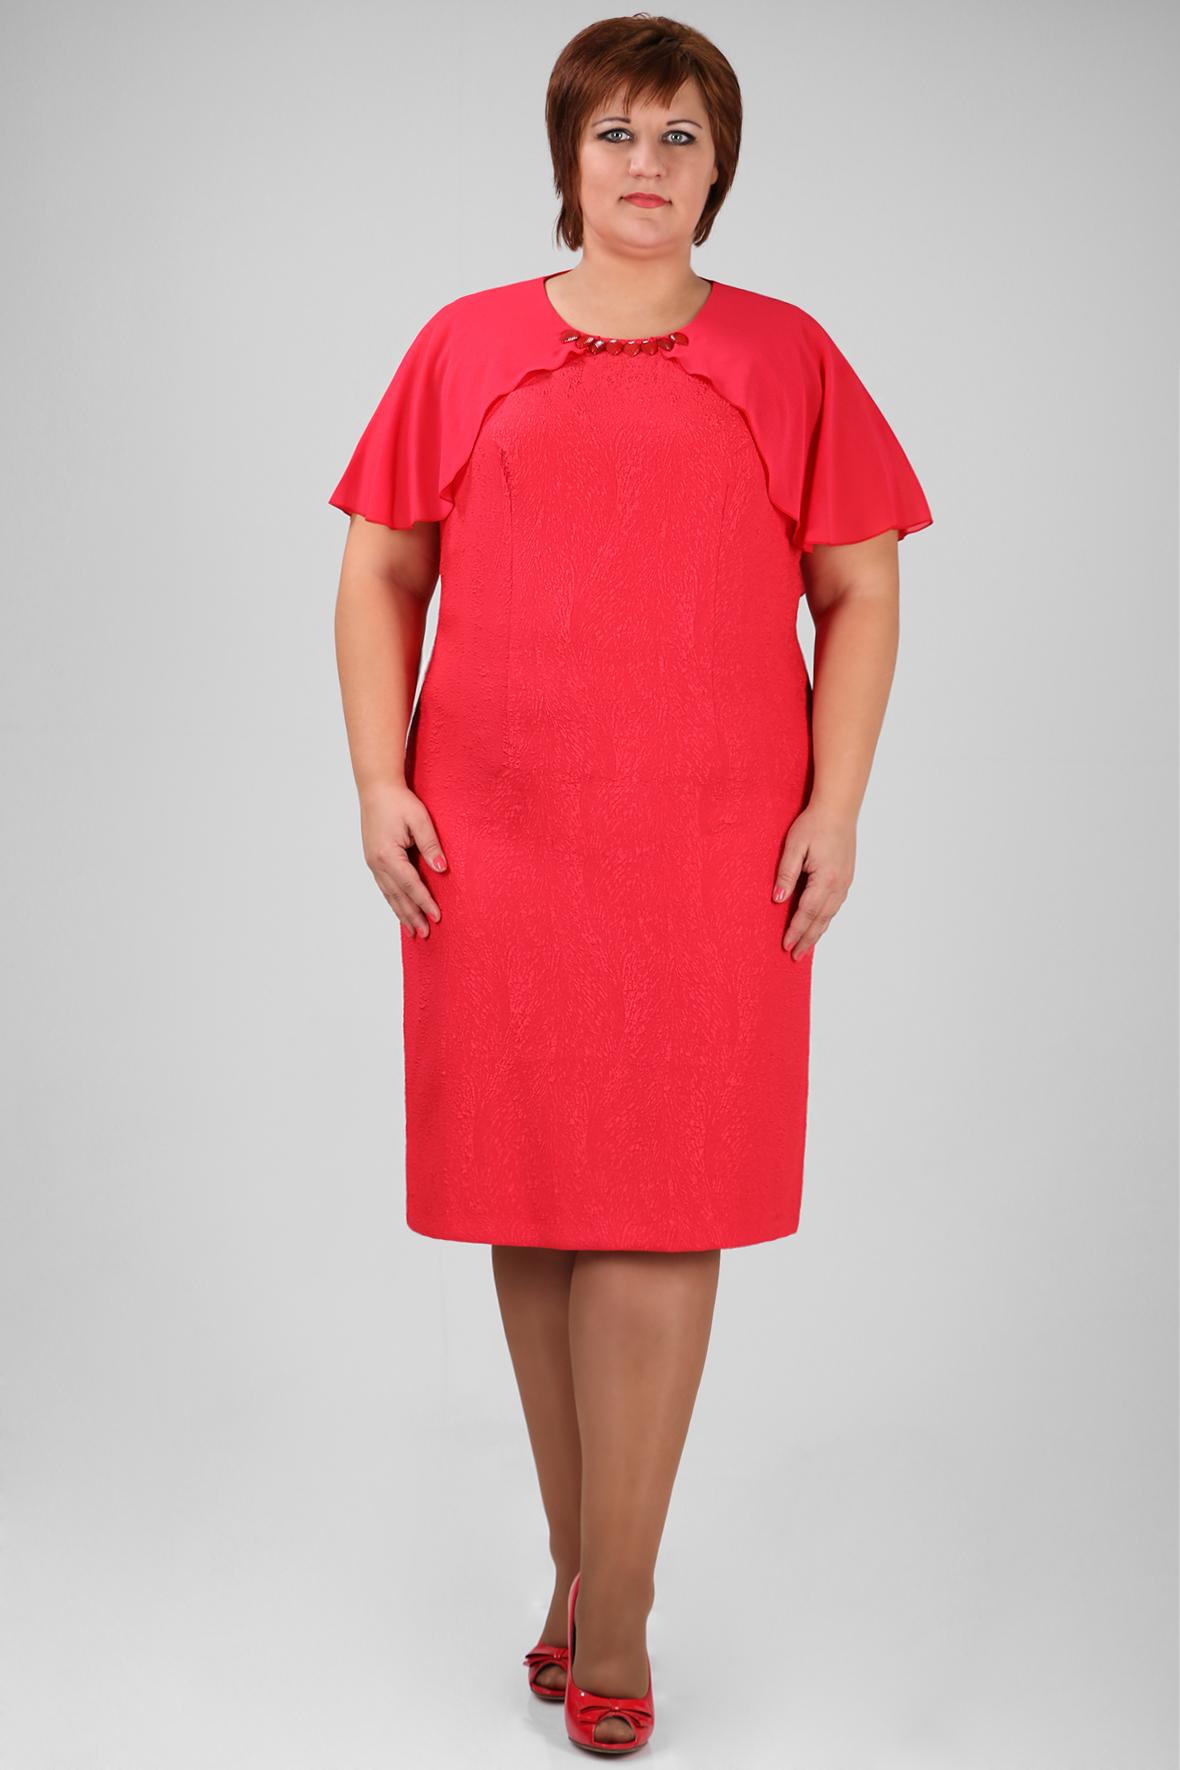 Женская Одежда Большие Размеры С Доставкой